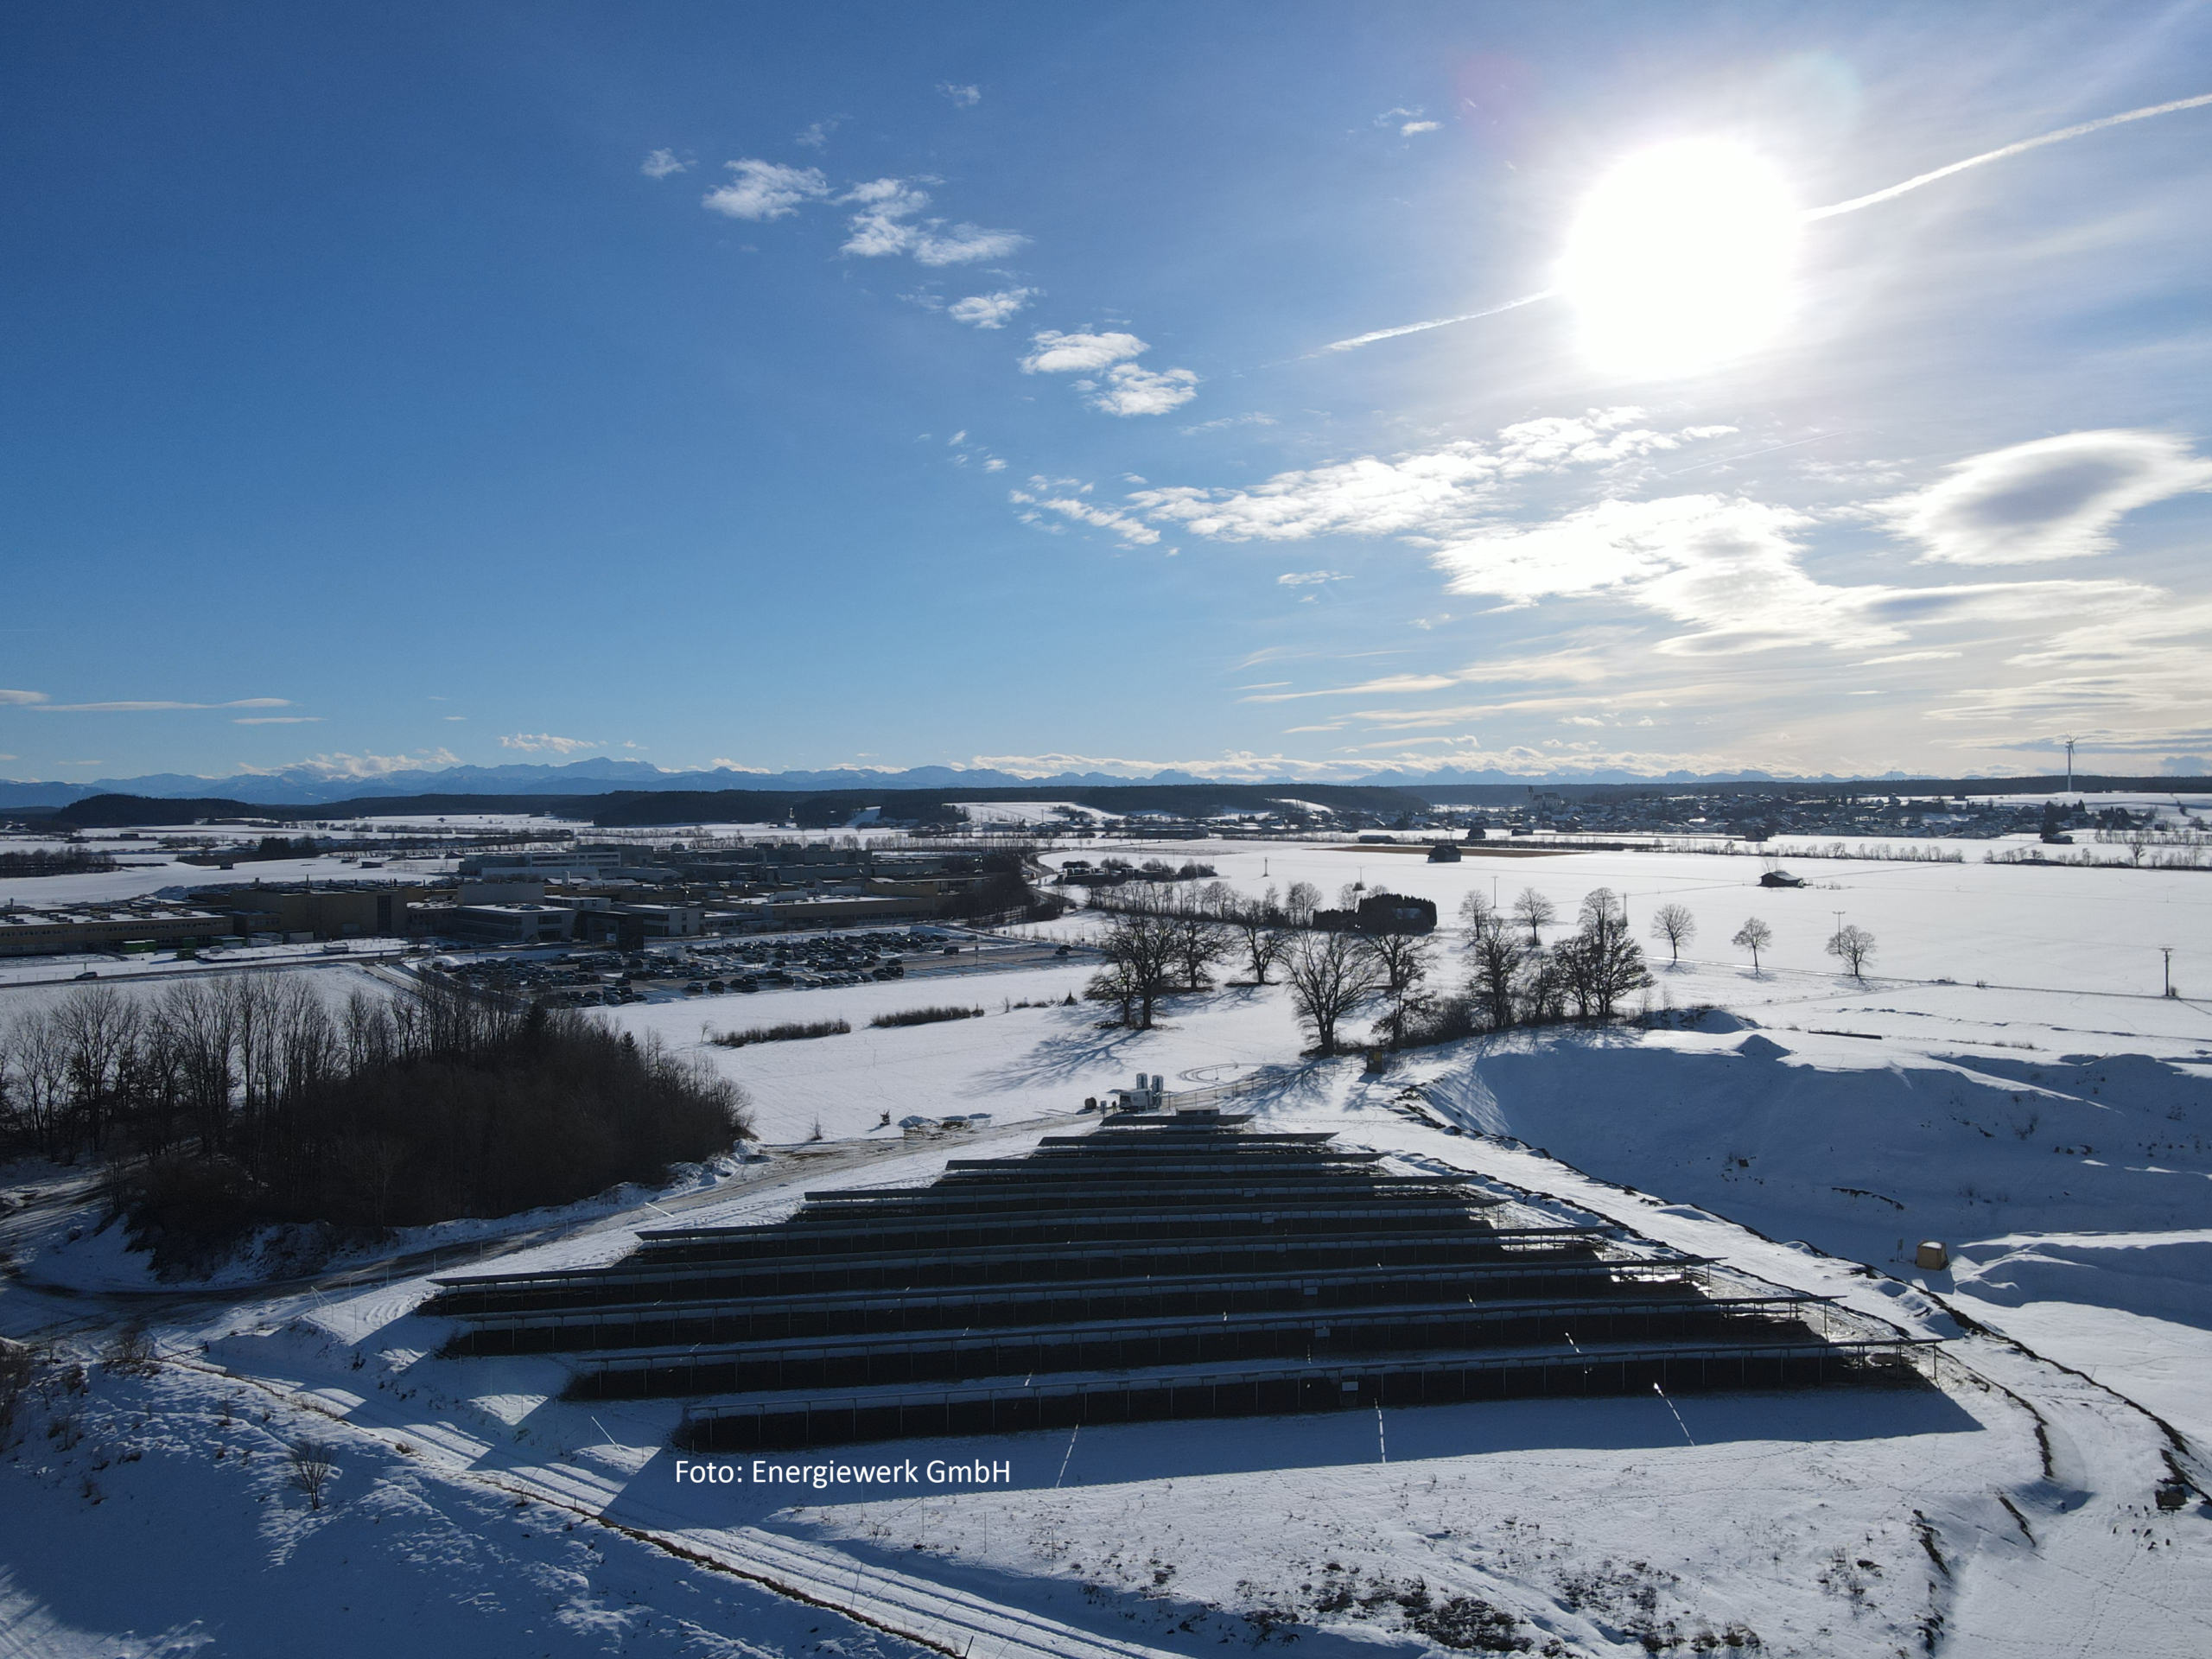 Fotos: Energiewerk GmbH; SL Rack Freiflächensystem - 3V, Viertelpunktklemmung | Standort: Bayern, Deutschland | Leistung: 750 kWp